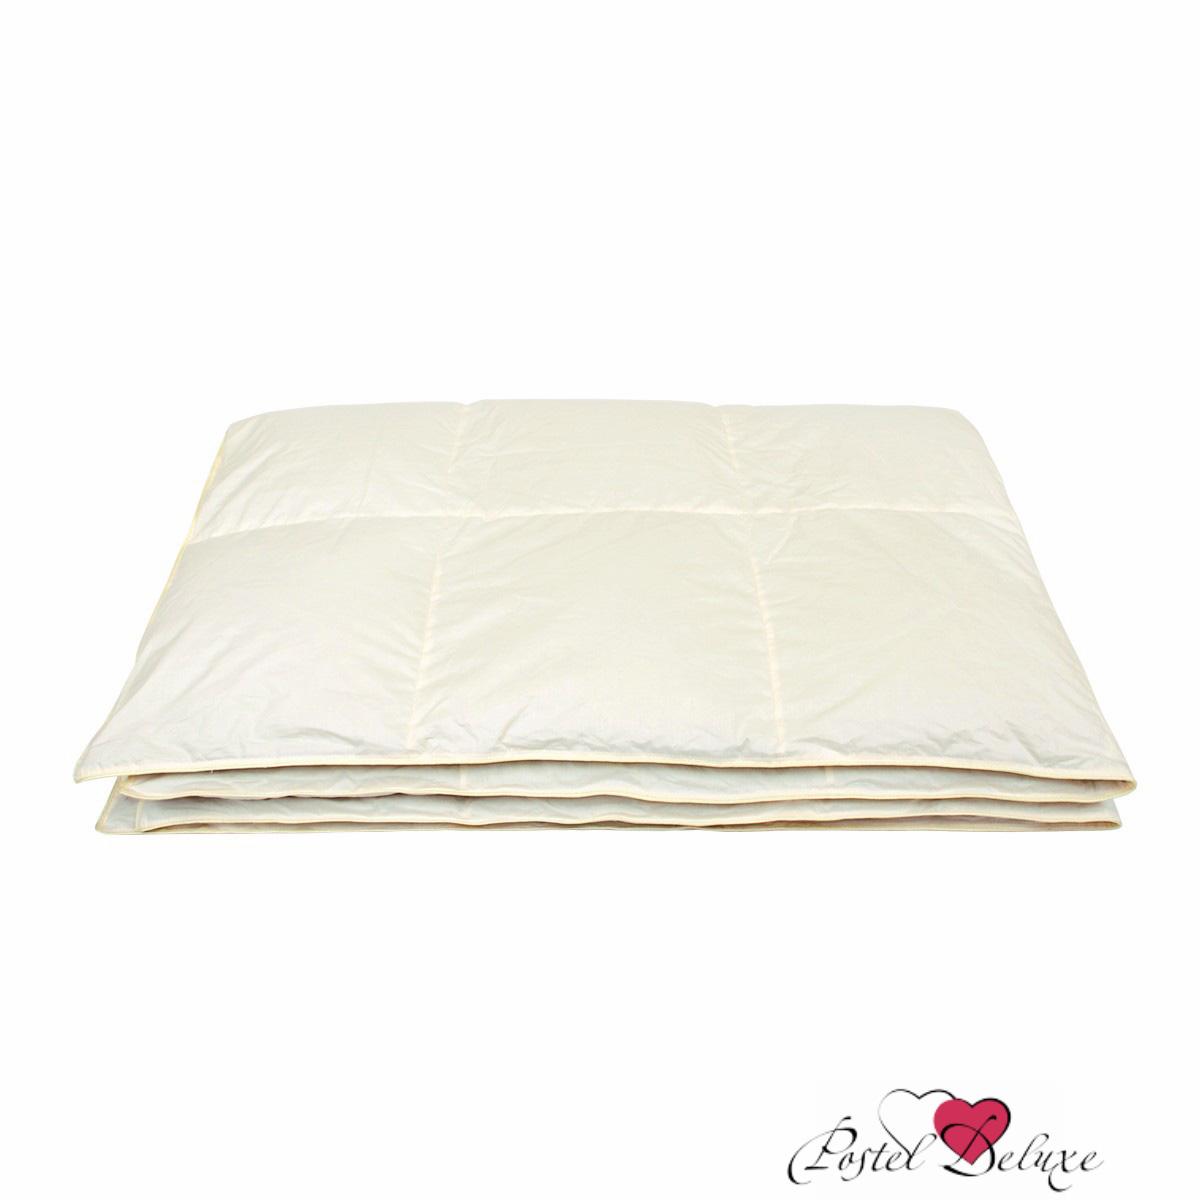 Одеяла Бел-Поль Одеяло Афродита (172х205 см) одеяло dolly 172 см х 205 см